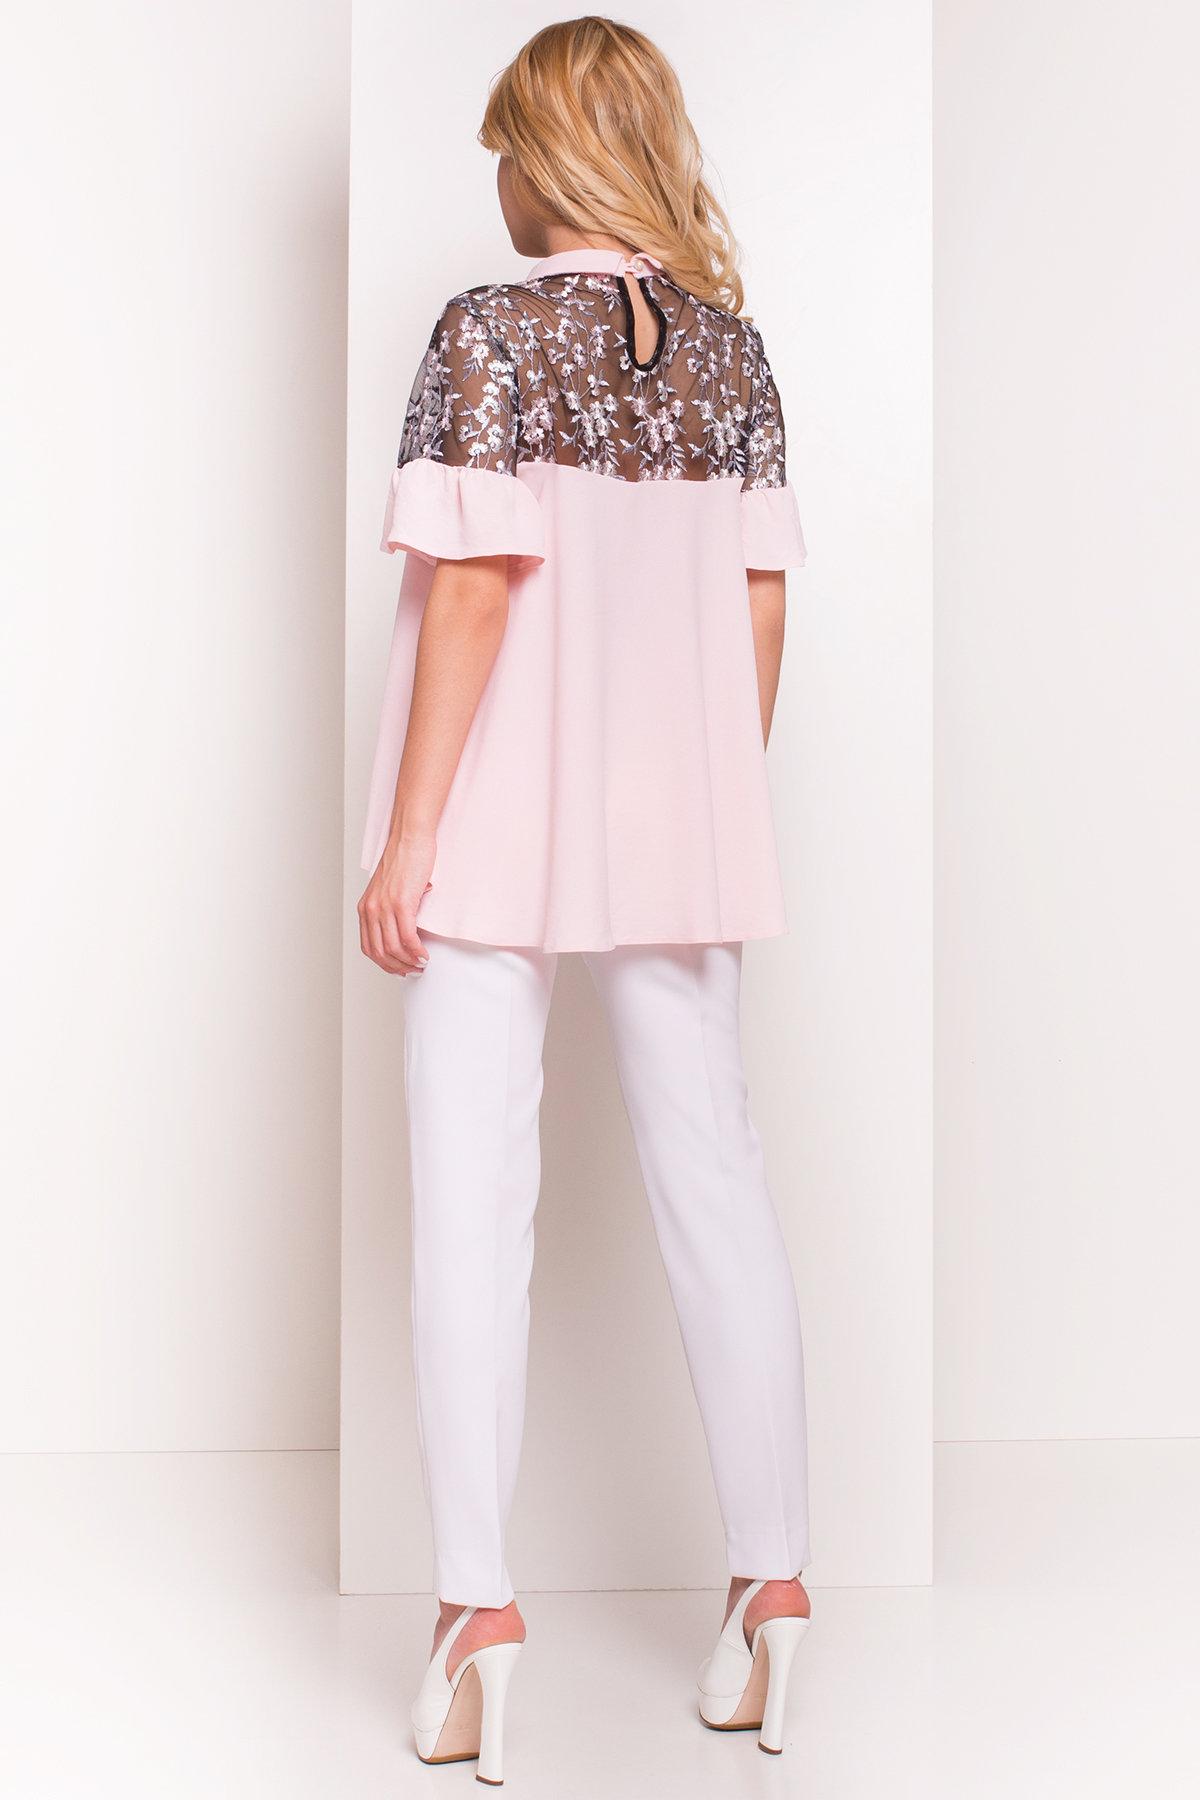 Блуза Джету 5127 АРТ. 36001 Цвет: Розовый Светлый - фото 2, интернет магазин tm-modus.ru